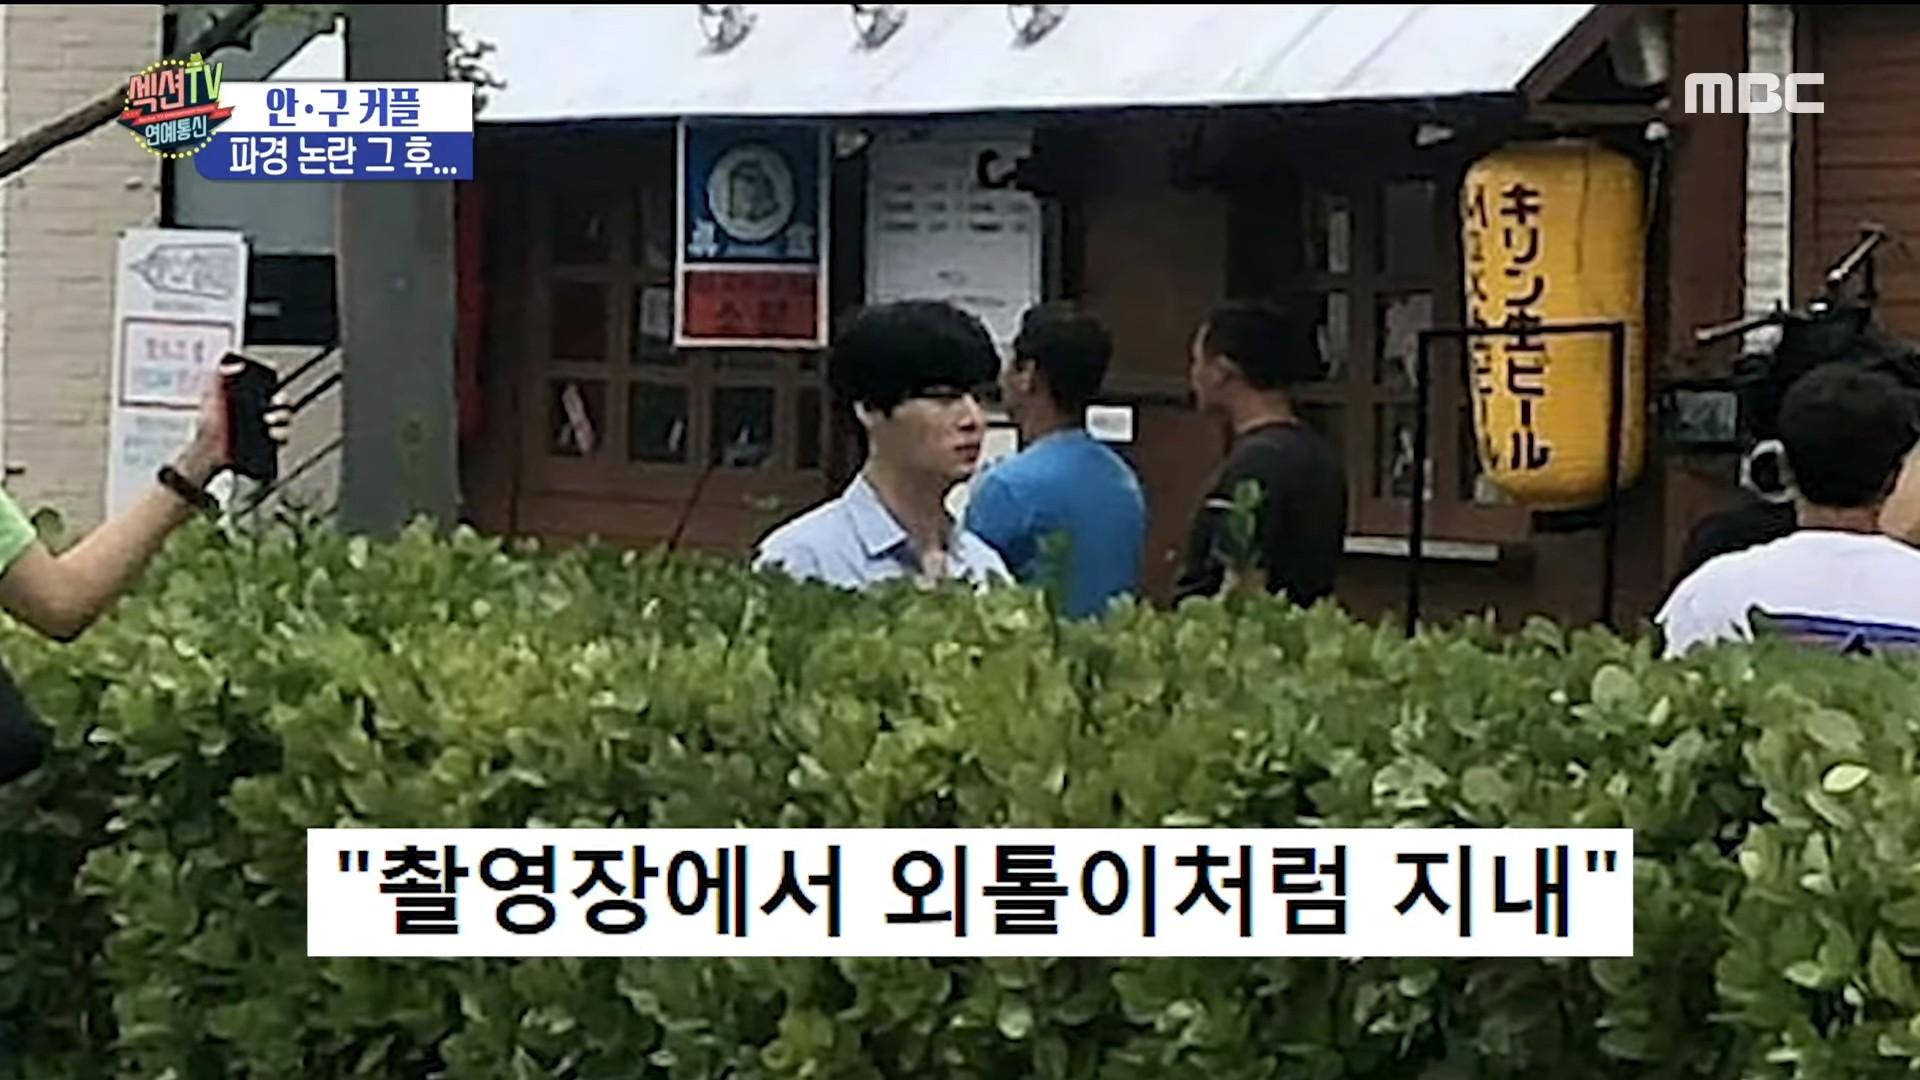 ▲安宰賢被目擊到在韓劇拍攝現場孤單落寞的身影。(圖/翻攝自YouTube/MBCentertainment)